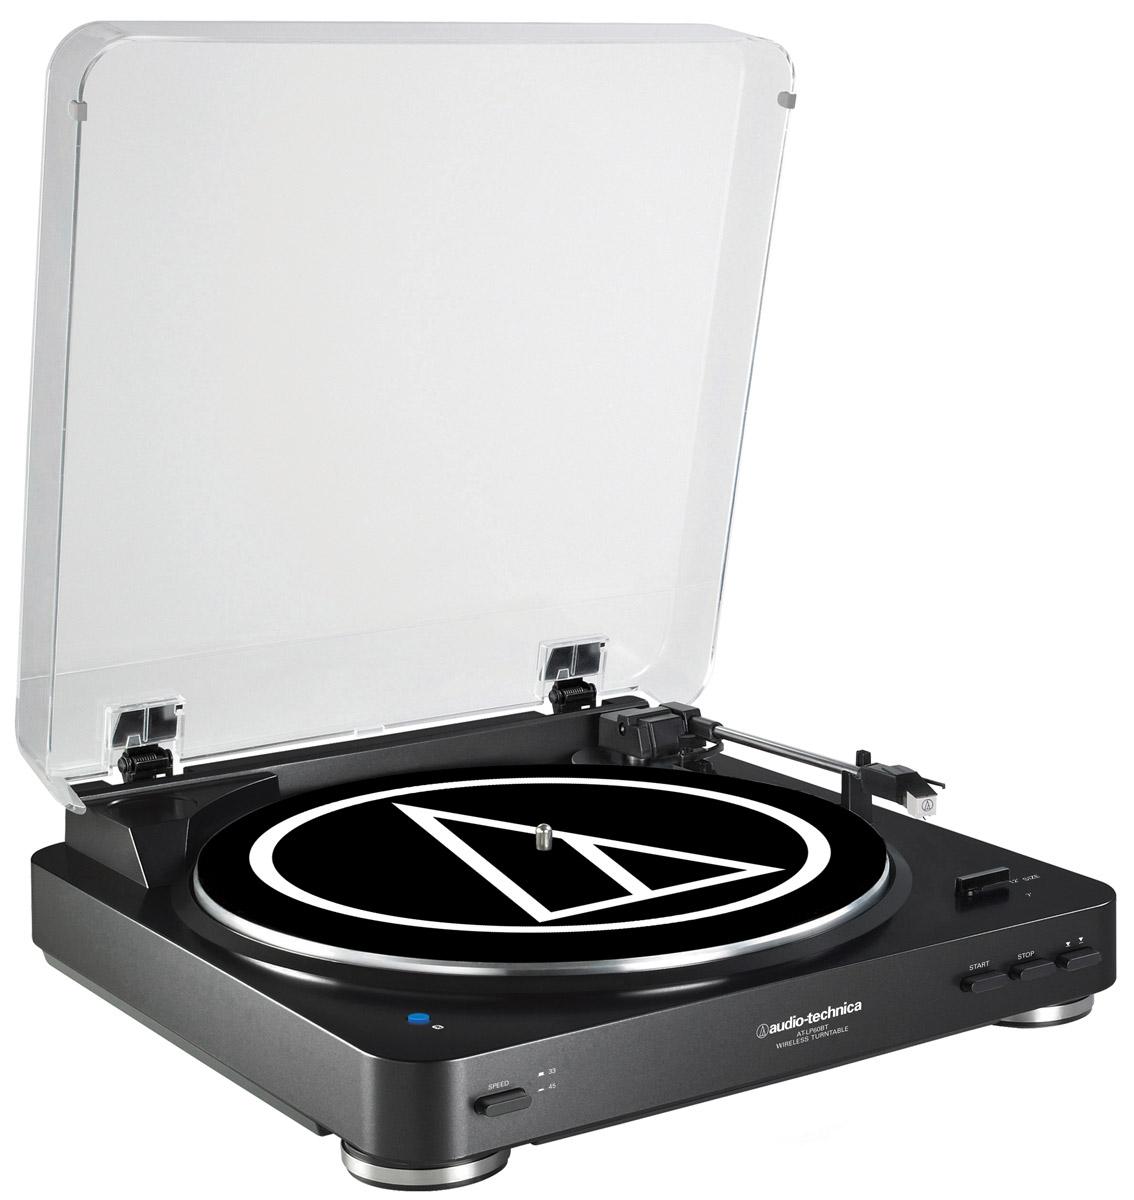 Audio-Technica AT-LP60BT, Black проигрыватель виниловых дисков15118423Audio-Technica AT-LP60BT - это полностью автоматический проигрыватель виниловых пластинок с поддержкой Bluetooth, привносящий легендарное звучание Audio-Technica в мир беспроводных соединений.Данная модель обеспечит выдающийся звук с легкость в автоматическом режиме: просто нажмите кнопку Пуск, чтобы начать воспроизведение записи, и кнопку Стоп, чтобы поднять и вернуть тонарм и выключить поворотный стол. Кнопка подъема тонарм также включена, чтобы позволить вам поднимать и опускать тонарм без остановки проигрывателя.Беспроводное подключение к устройствам, поддерживающим протокол Bluetooth (колонки, наушники, ресиверы)Проводное подключение к аудиосистемам и колонкам через двойной RCA-кабельВстроенный предусилитель с функцией отключенияАнтирезонансный литой опорный диск из алюминияВстроенный звукосниматель AT3600L с двумя подвижными магнитами, оснащённый съёмной алмазной иглойТип звукоснимателя: VM Мотор DC с сервоприводом Спецификация Bluetooth v3,0, Power Class 2, A2DPРадиус действия 10 мПоддержка кодека SBC